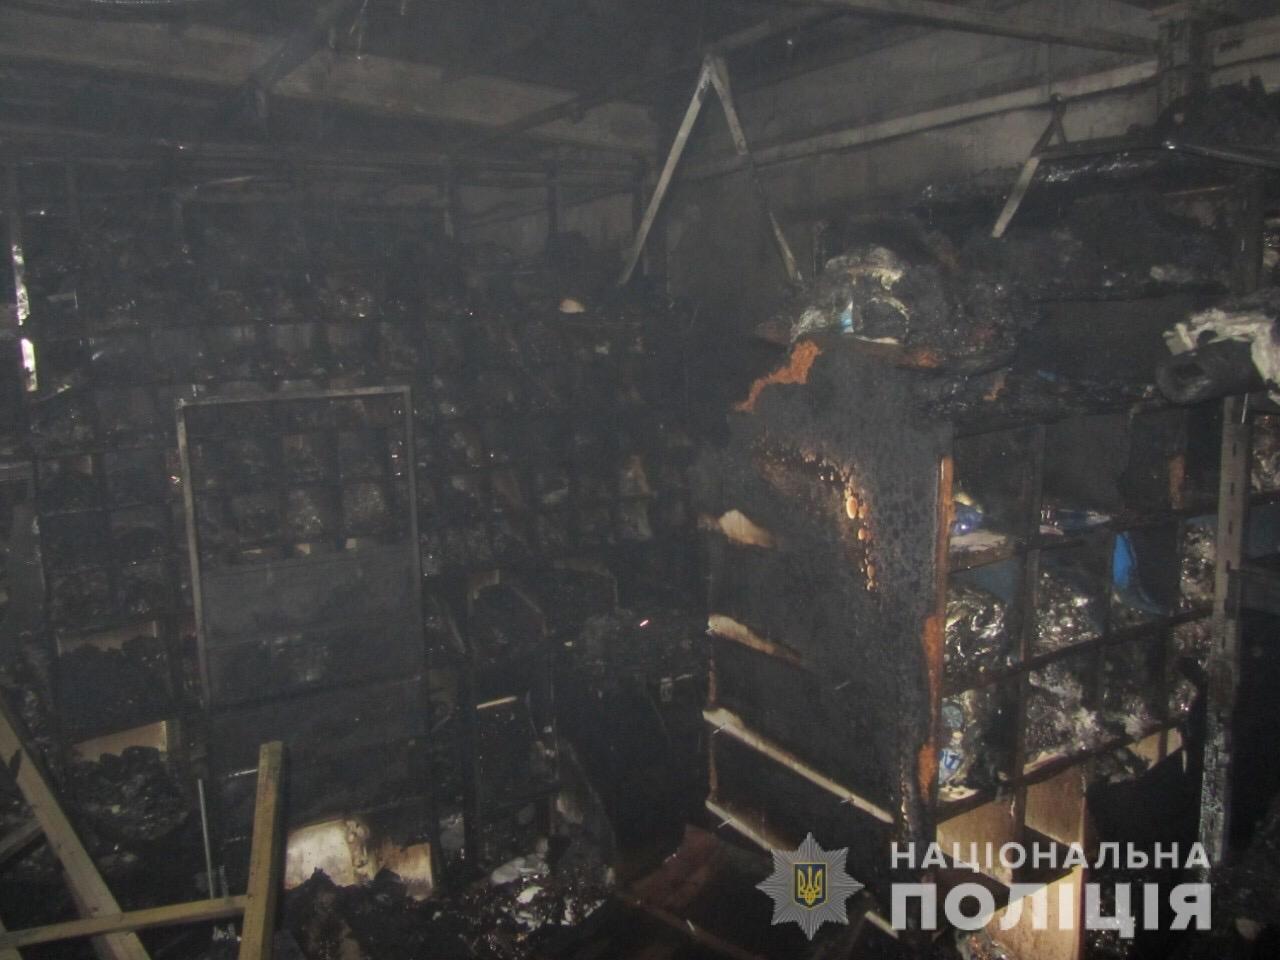 Пожар на швейных складах в Харькове. Неизвестные подожгли два помещения, - ФОТО, фото-5